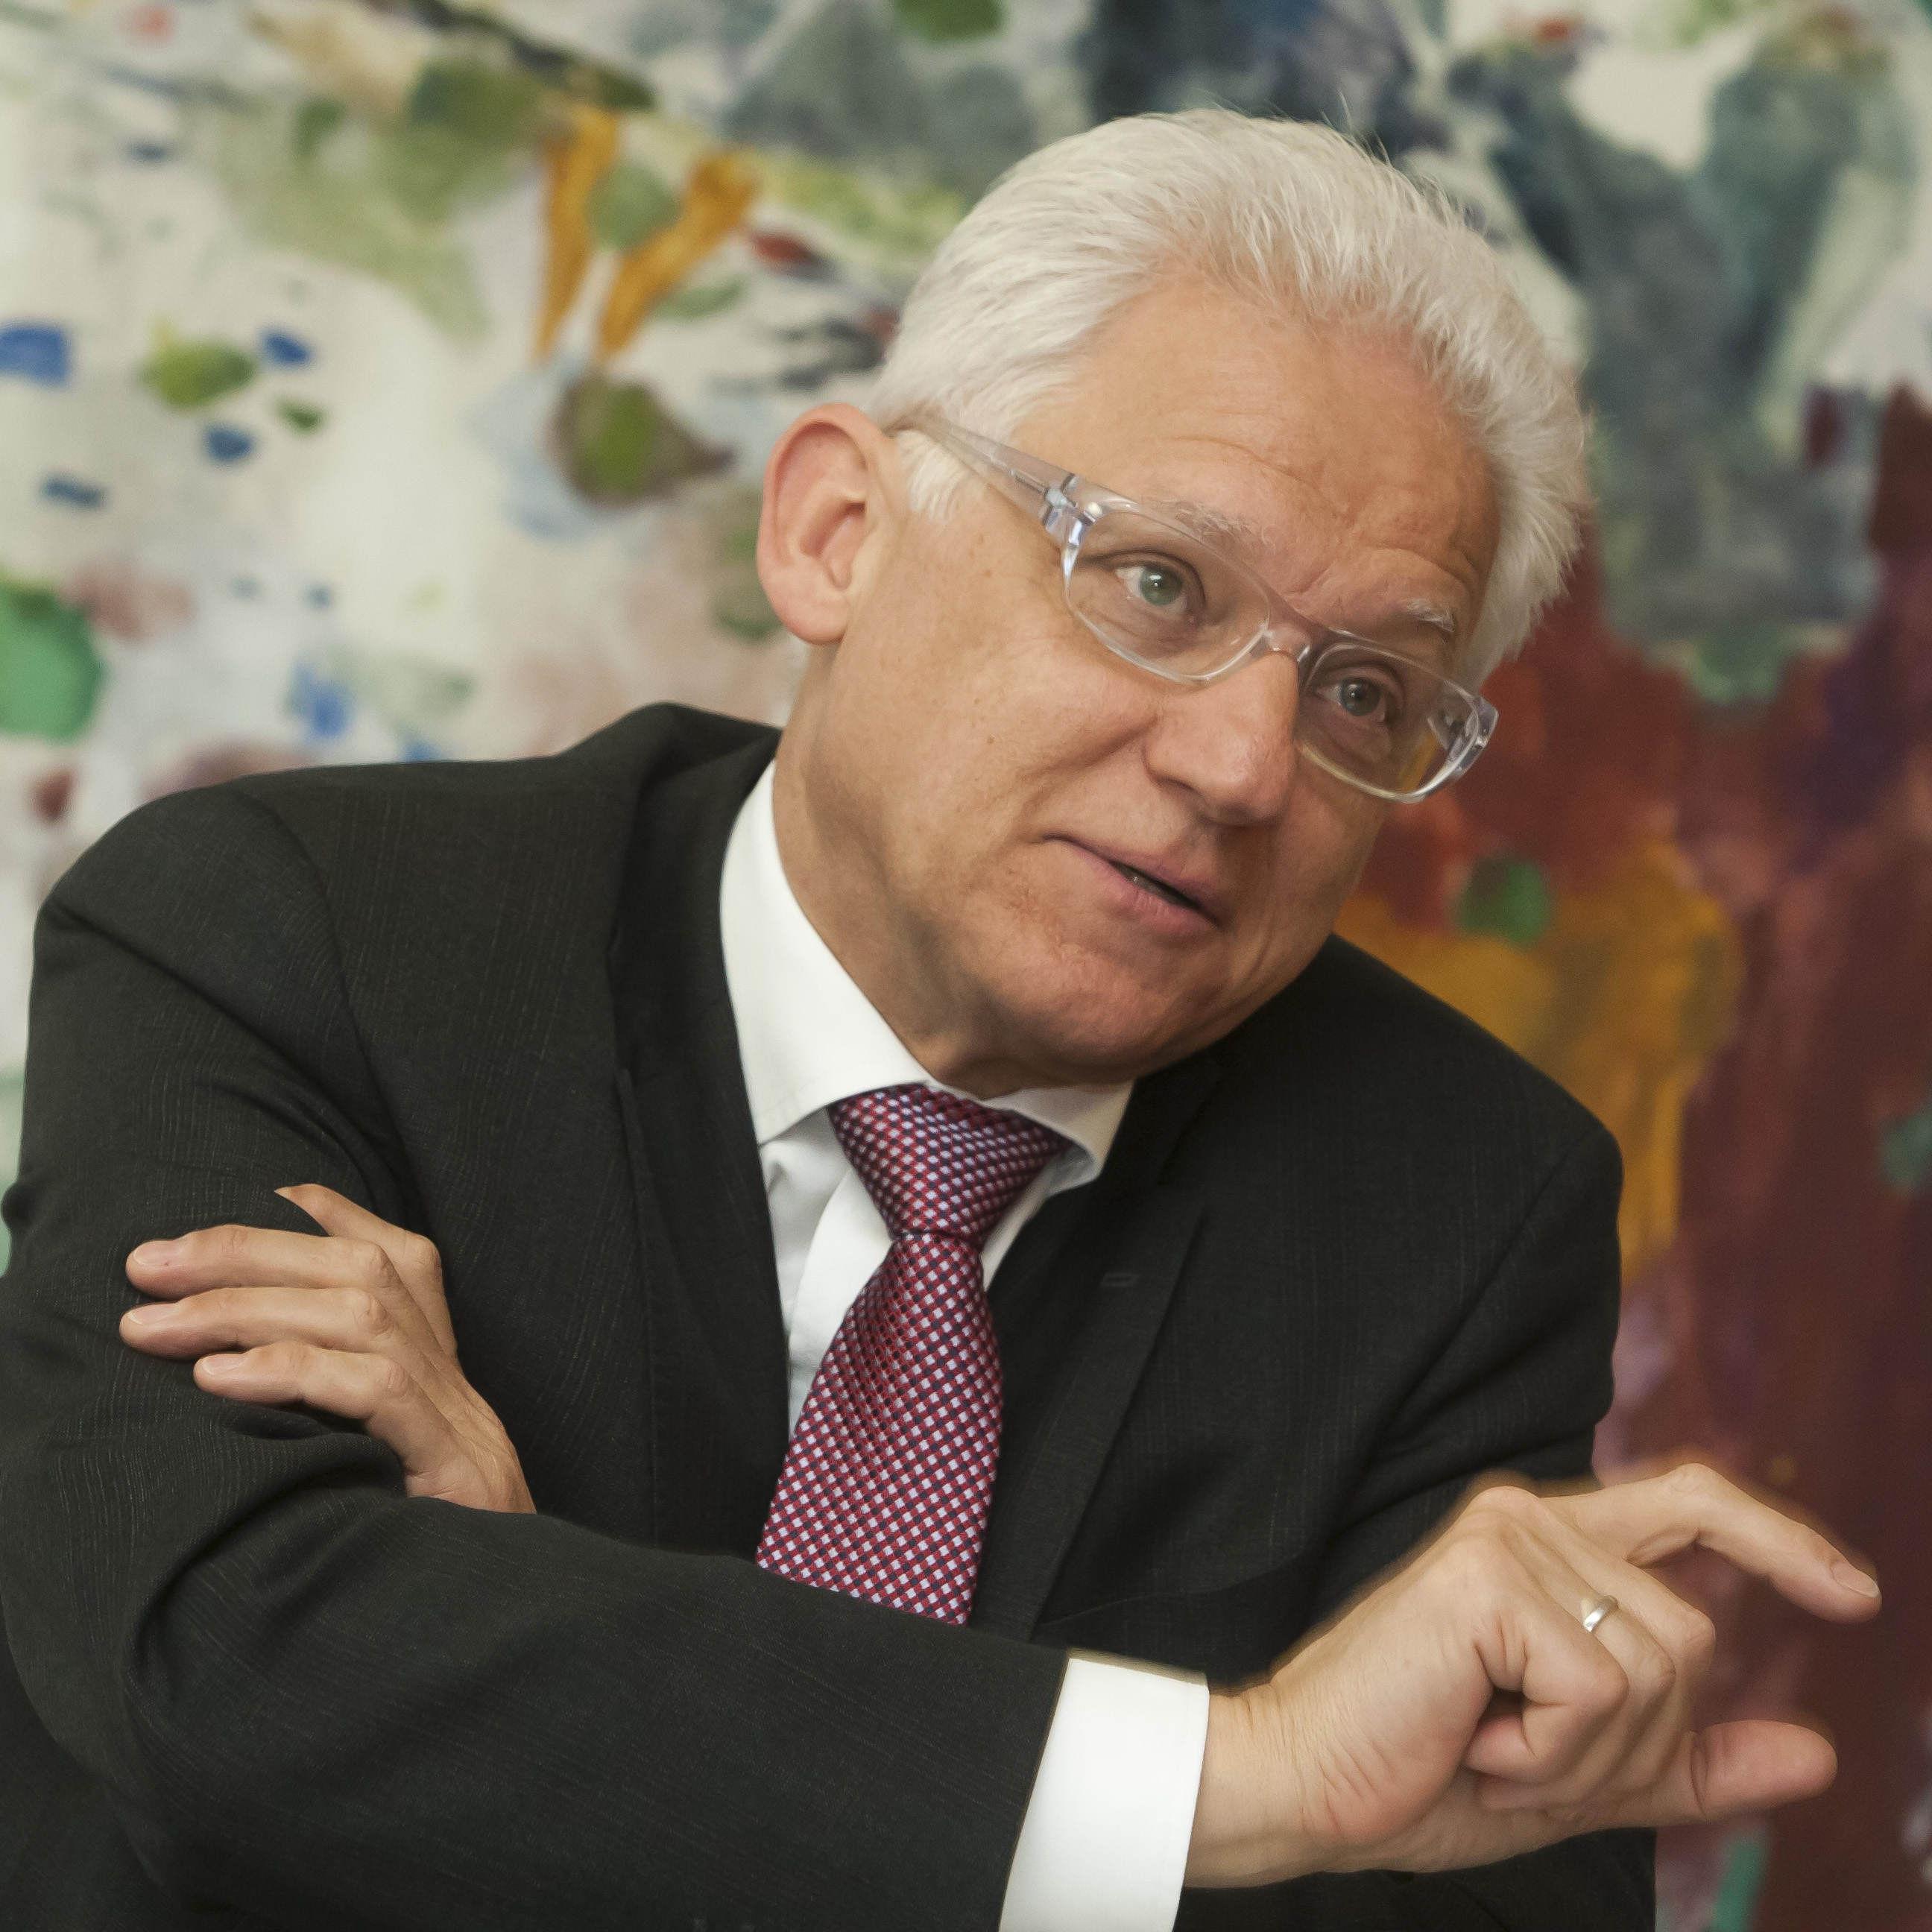 VKW-Vorstand Summer mit Geschäftsverlauf zufrieden